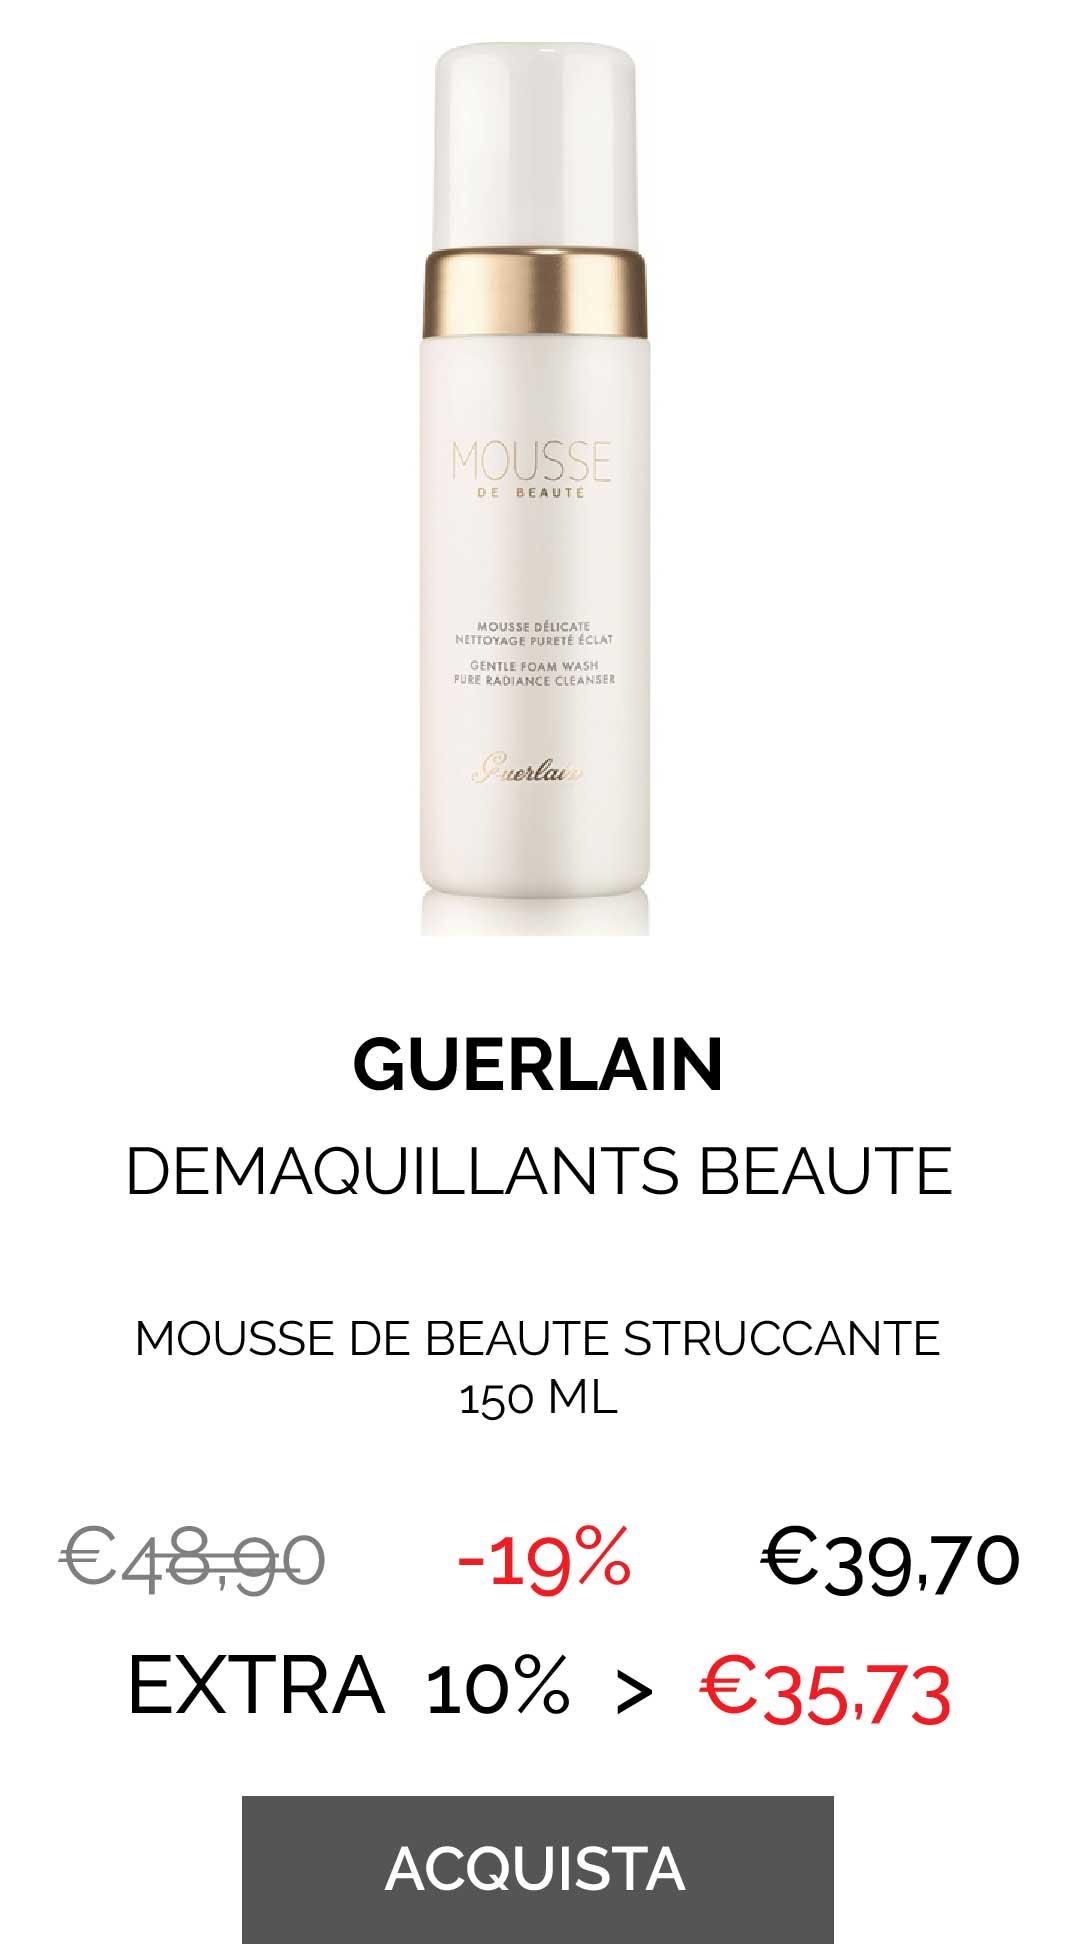 GUERLAIN - MOUSSE DE BEAUTE DEMAQU. 150 ML